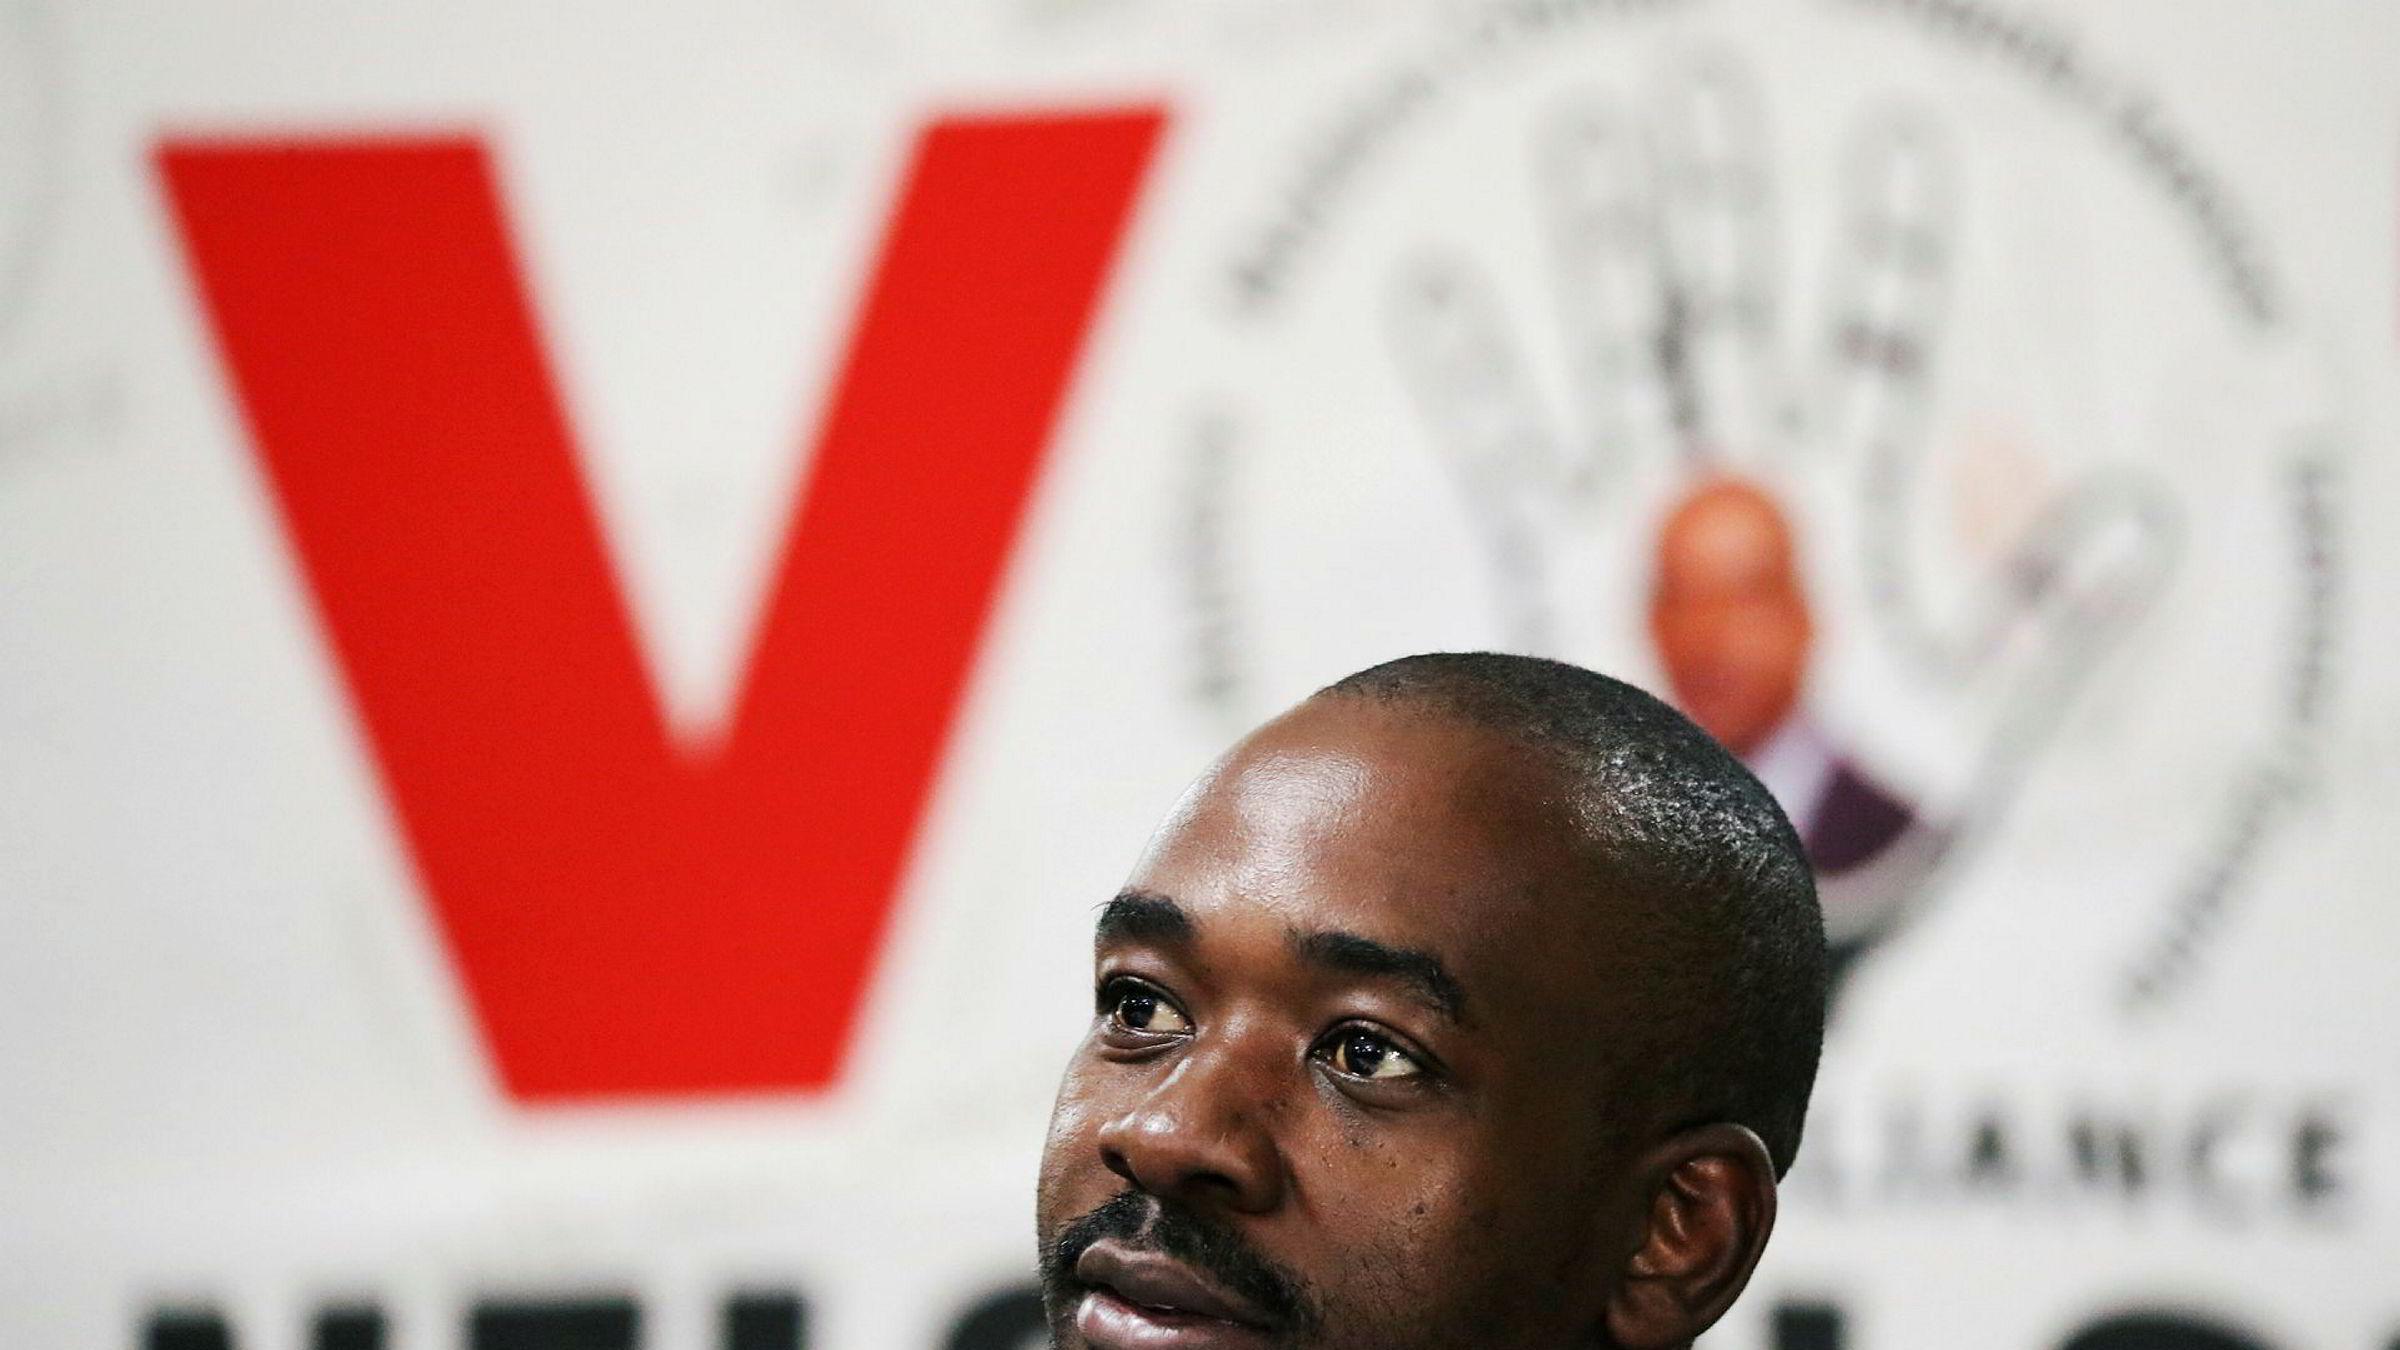 Nelson Chamisa fra partiet Opposition Movement for Democratic Change (MDC) er en av to som reelt har mulighet til å bli ny president i Zimbabwe.